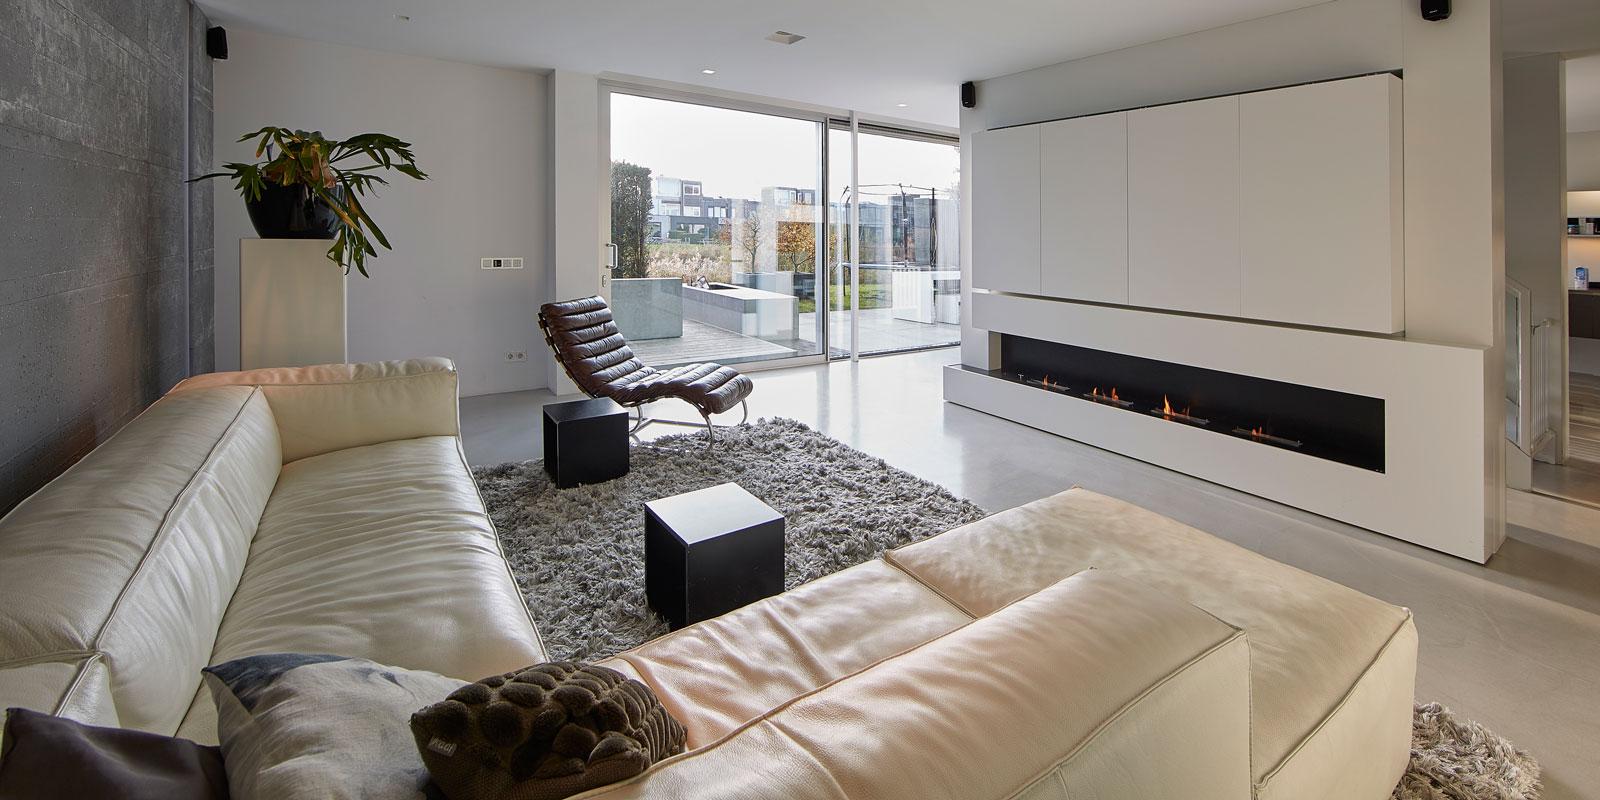 Woning aan het water | Bart van Wijk, interieurarchitect, strak interieur, ethanolhaard, minimalistisch design